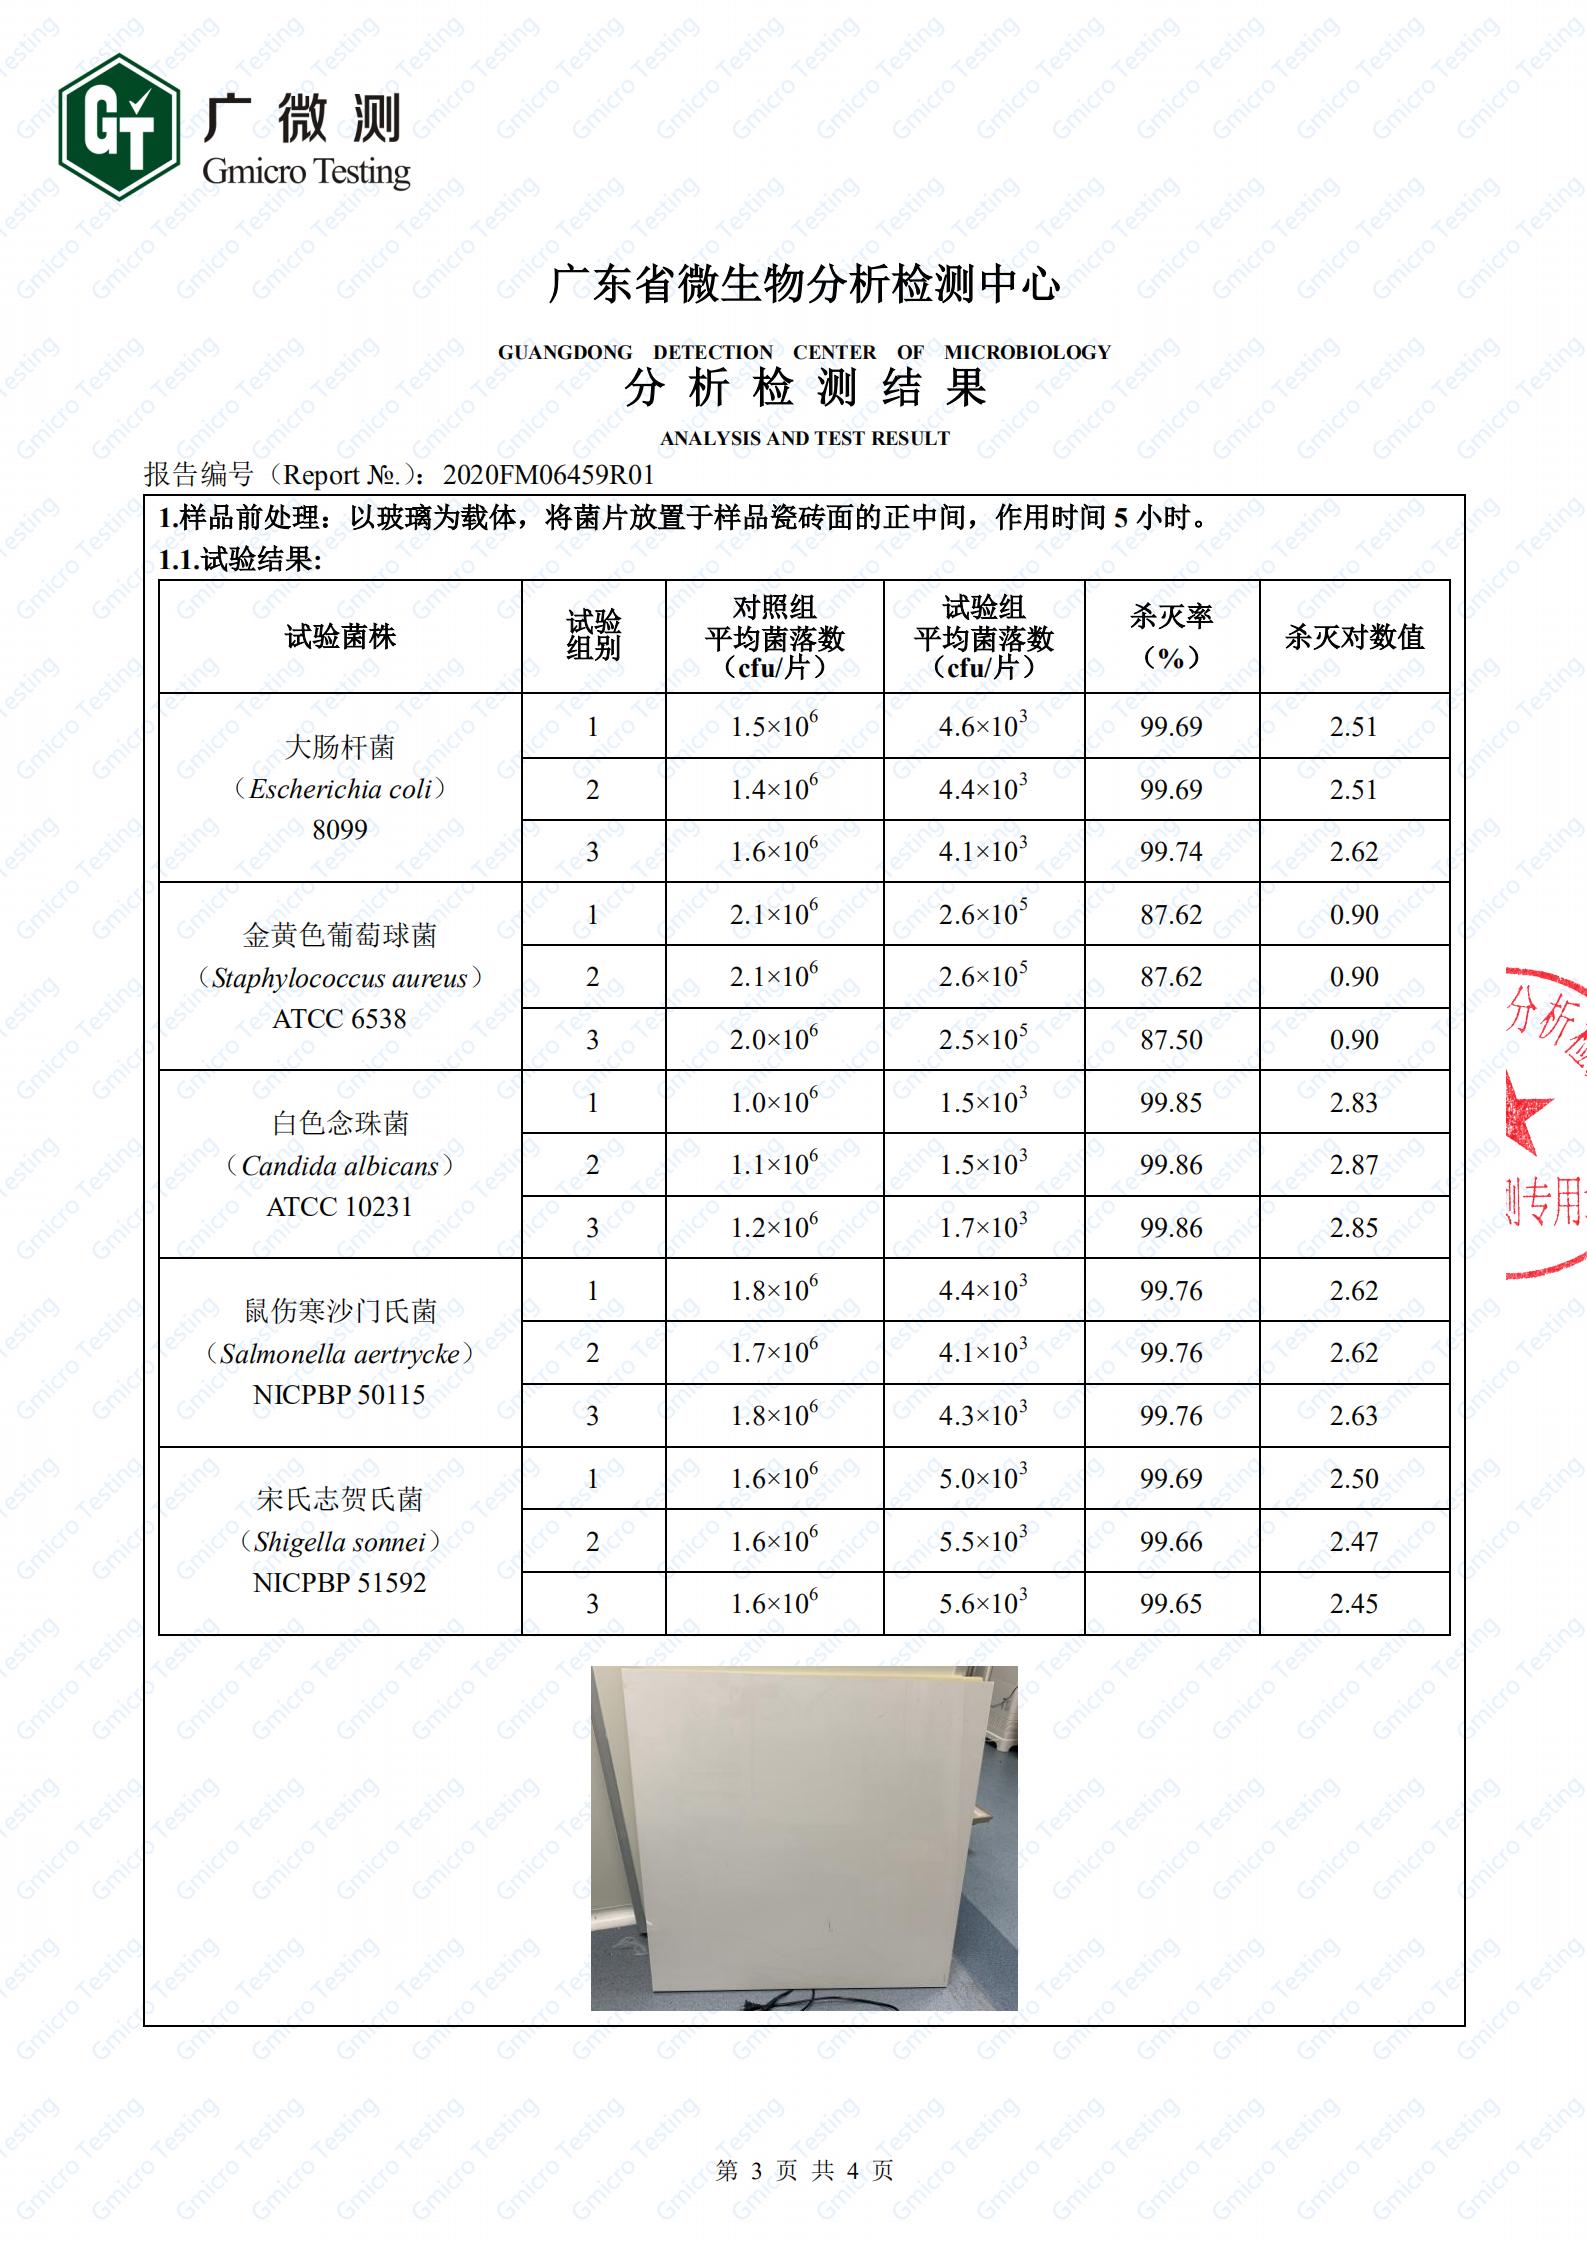 石墨烯发热砖 抗菌测试报告(盖章)_02.png